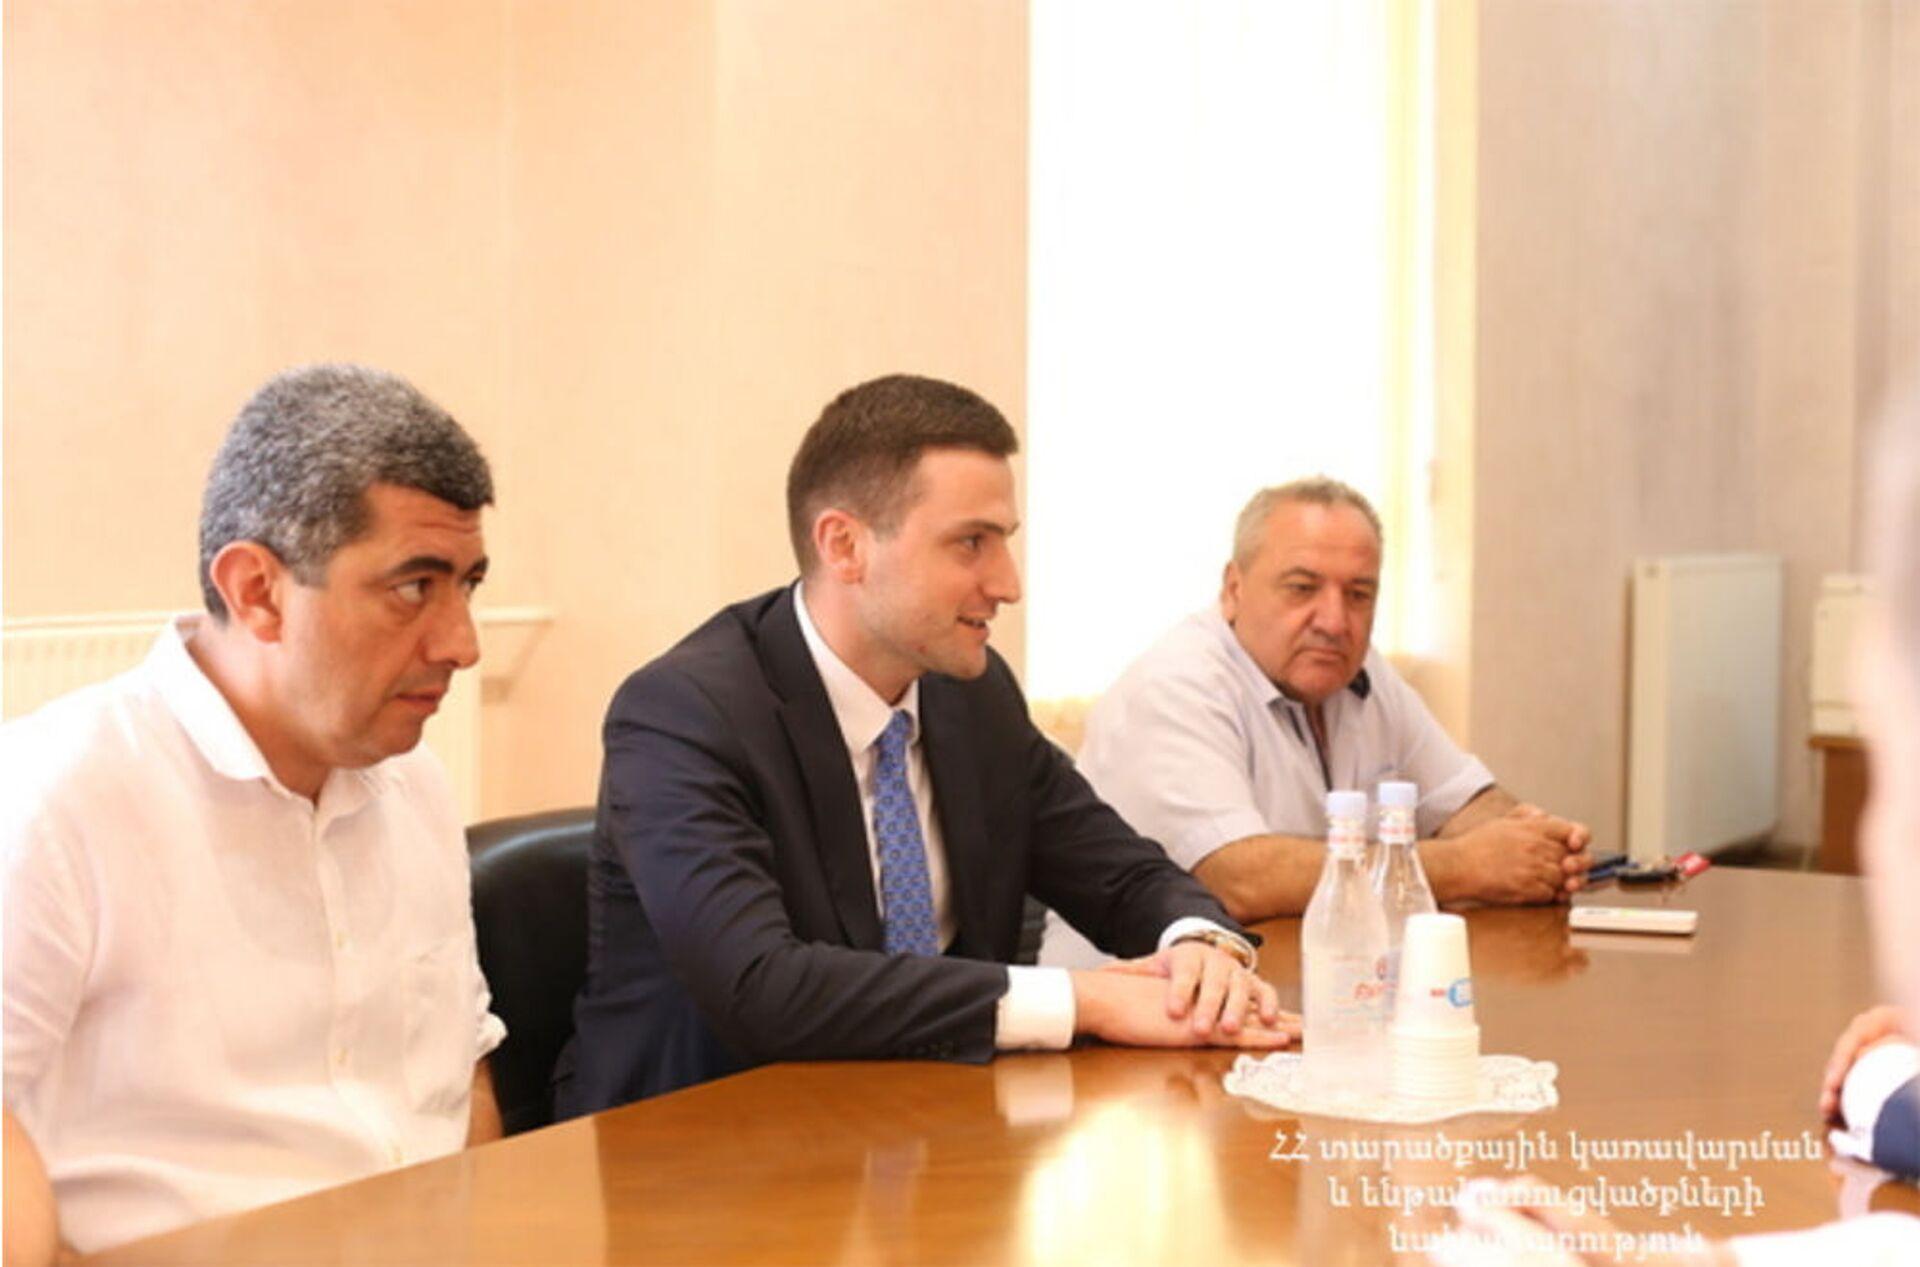 Չեխական ընկերությունն առաջարկում է վերակառուցել Ստեփանավանի օդանավակայանը - Sputnik Արմենիա, 1920, 14.07.2021